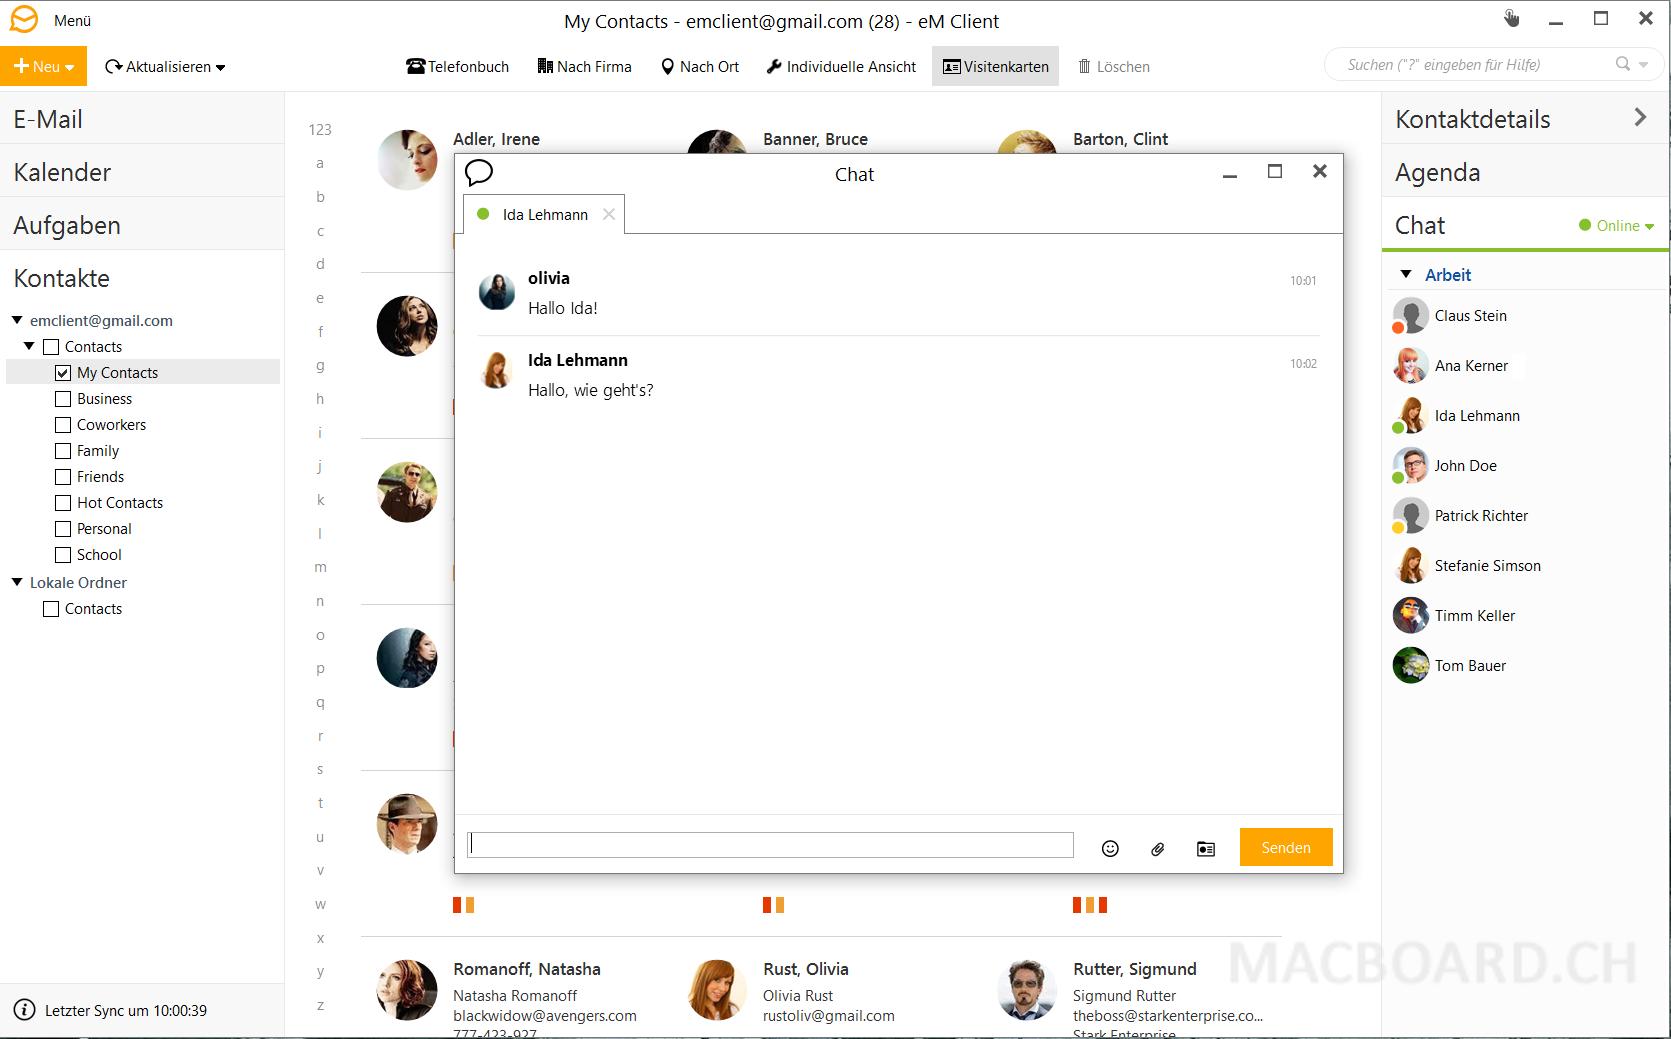 eM Client Mac Chat